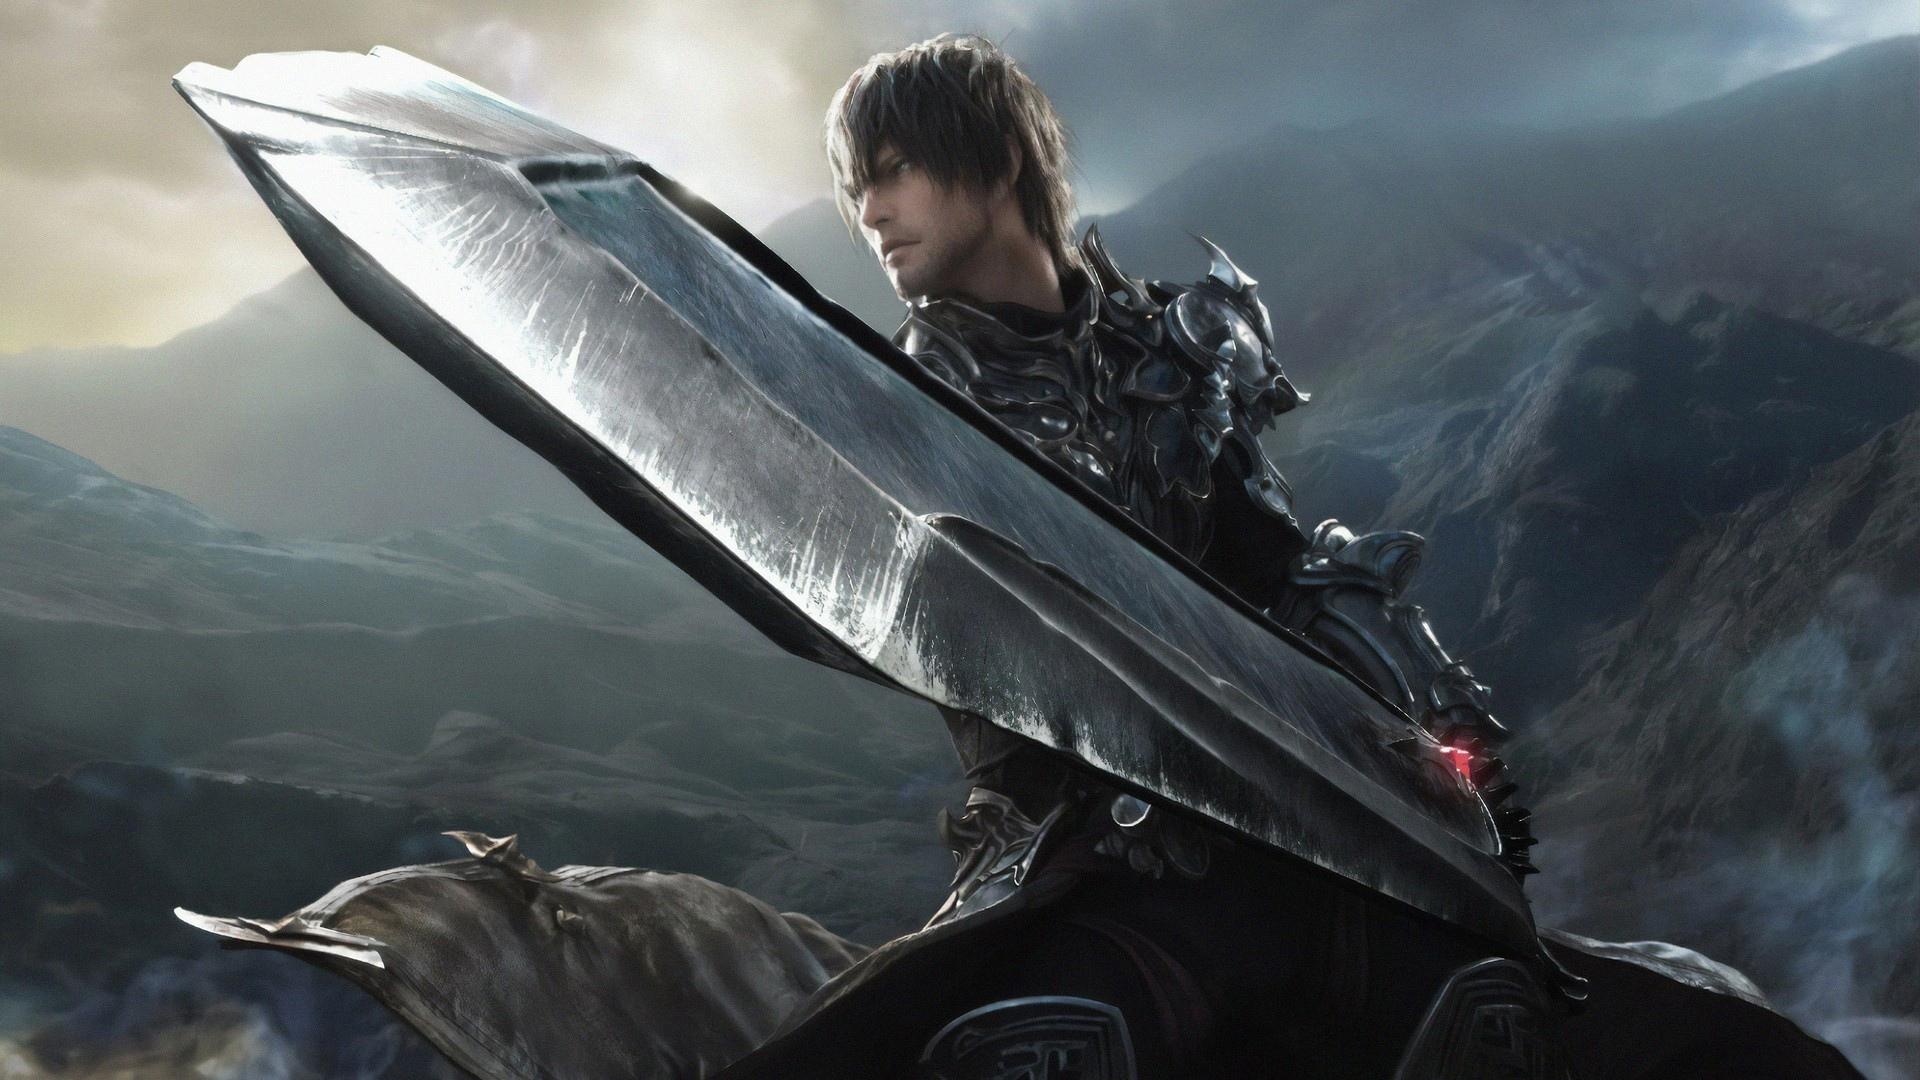 Инсайдер Navtra поделился новыми подробностями по еще одной игре в серии Final Fantasy, анонс которой может состояться уже этим летом